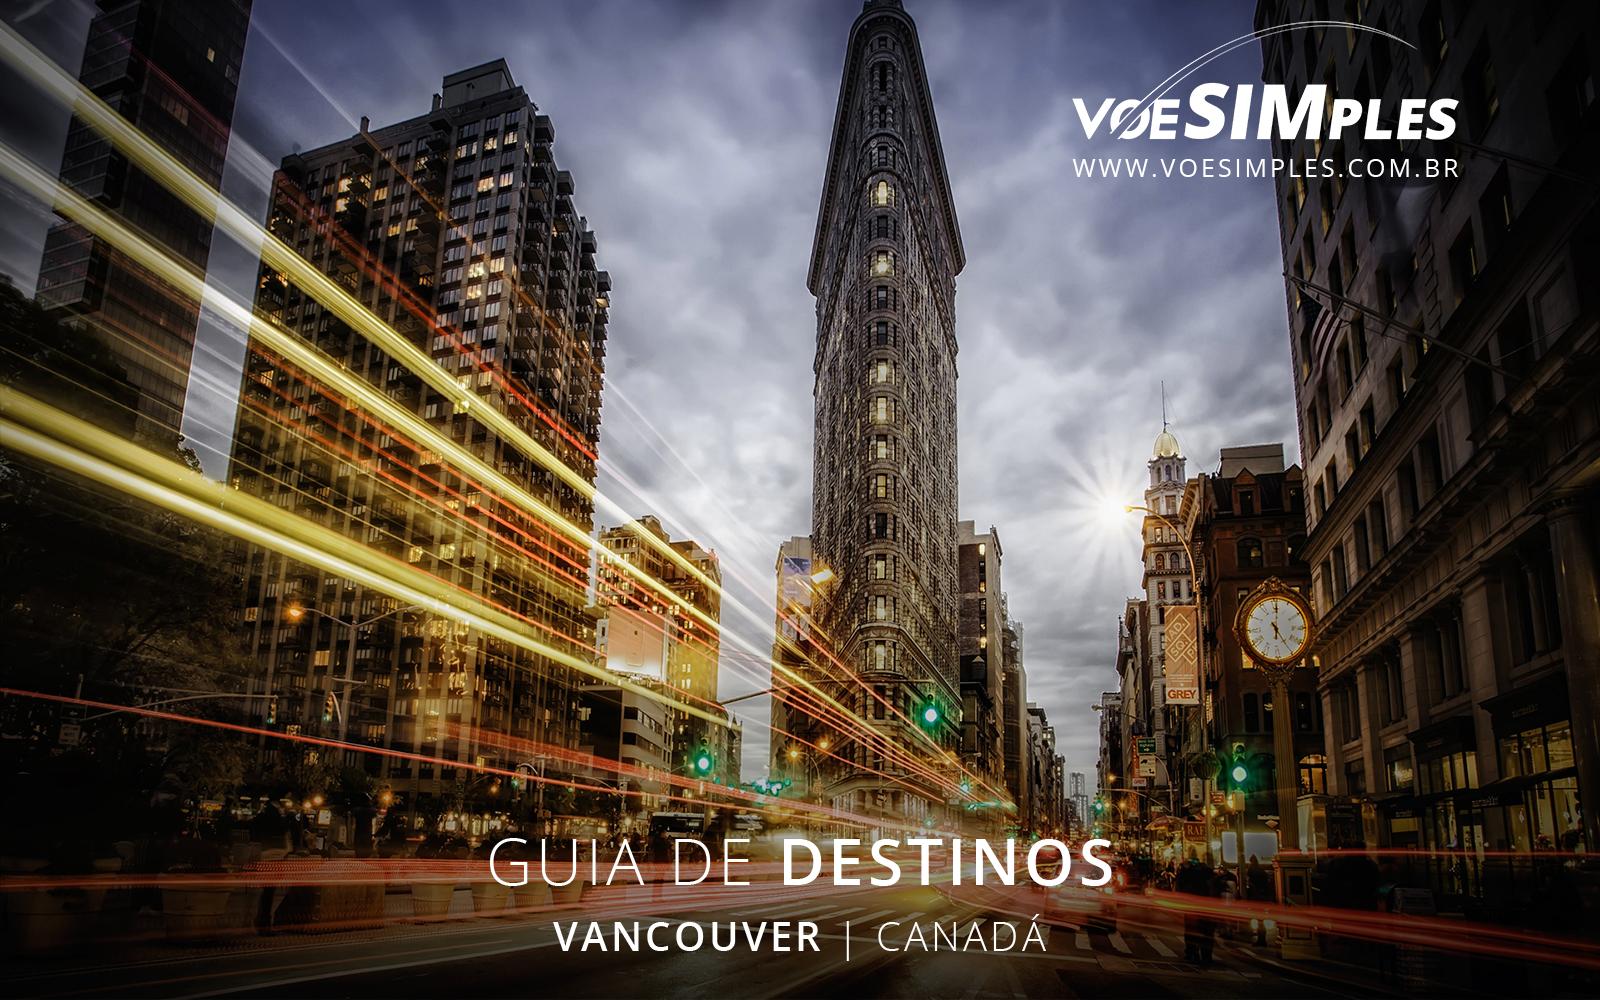 fotos-guia-destinos-voe-simples-vancouver-canada-guia-viagens-voesimples-vancouver-canada-pontos-turisticos-vancouver-canada-fotos-vancouver-06@2x